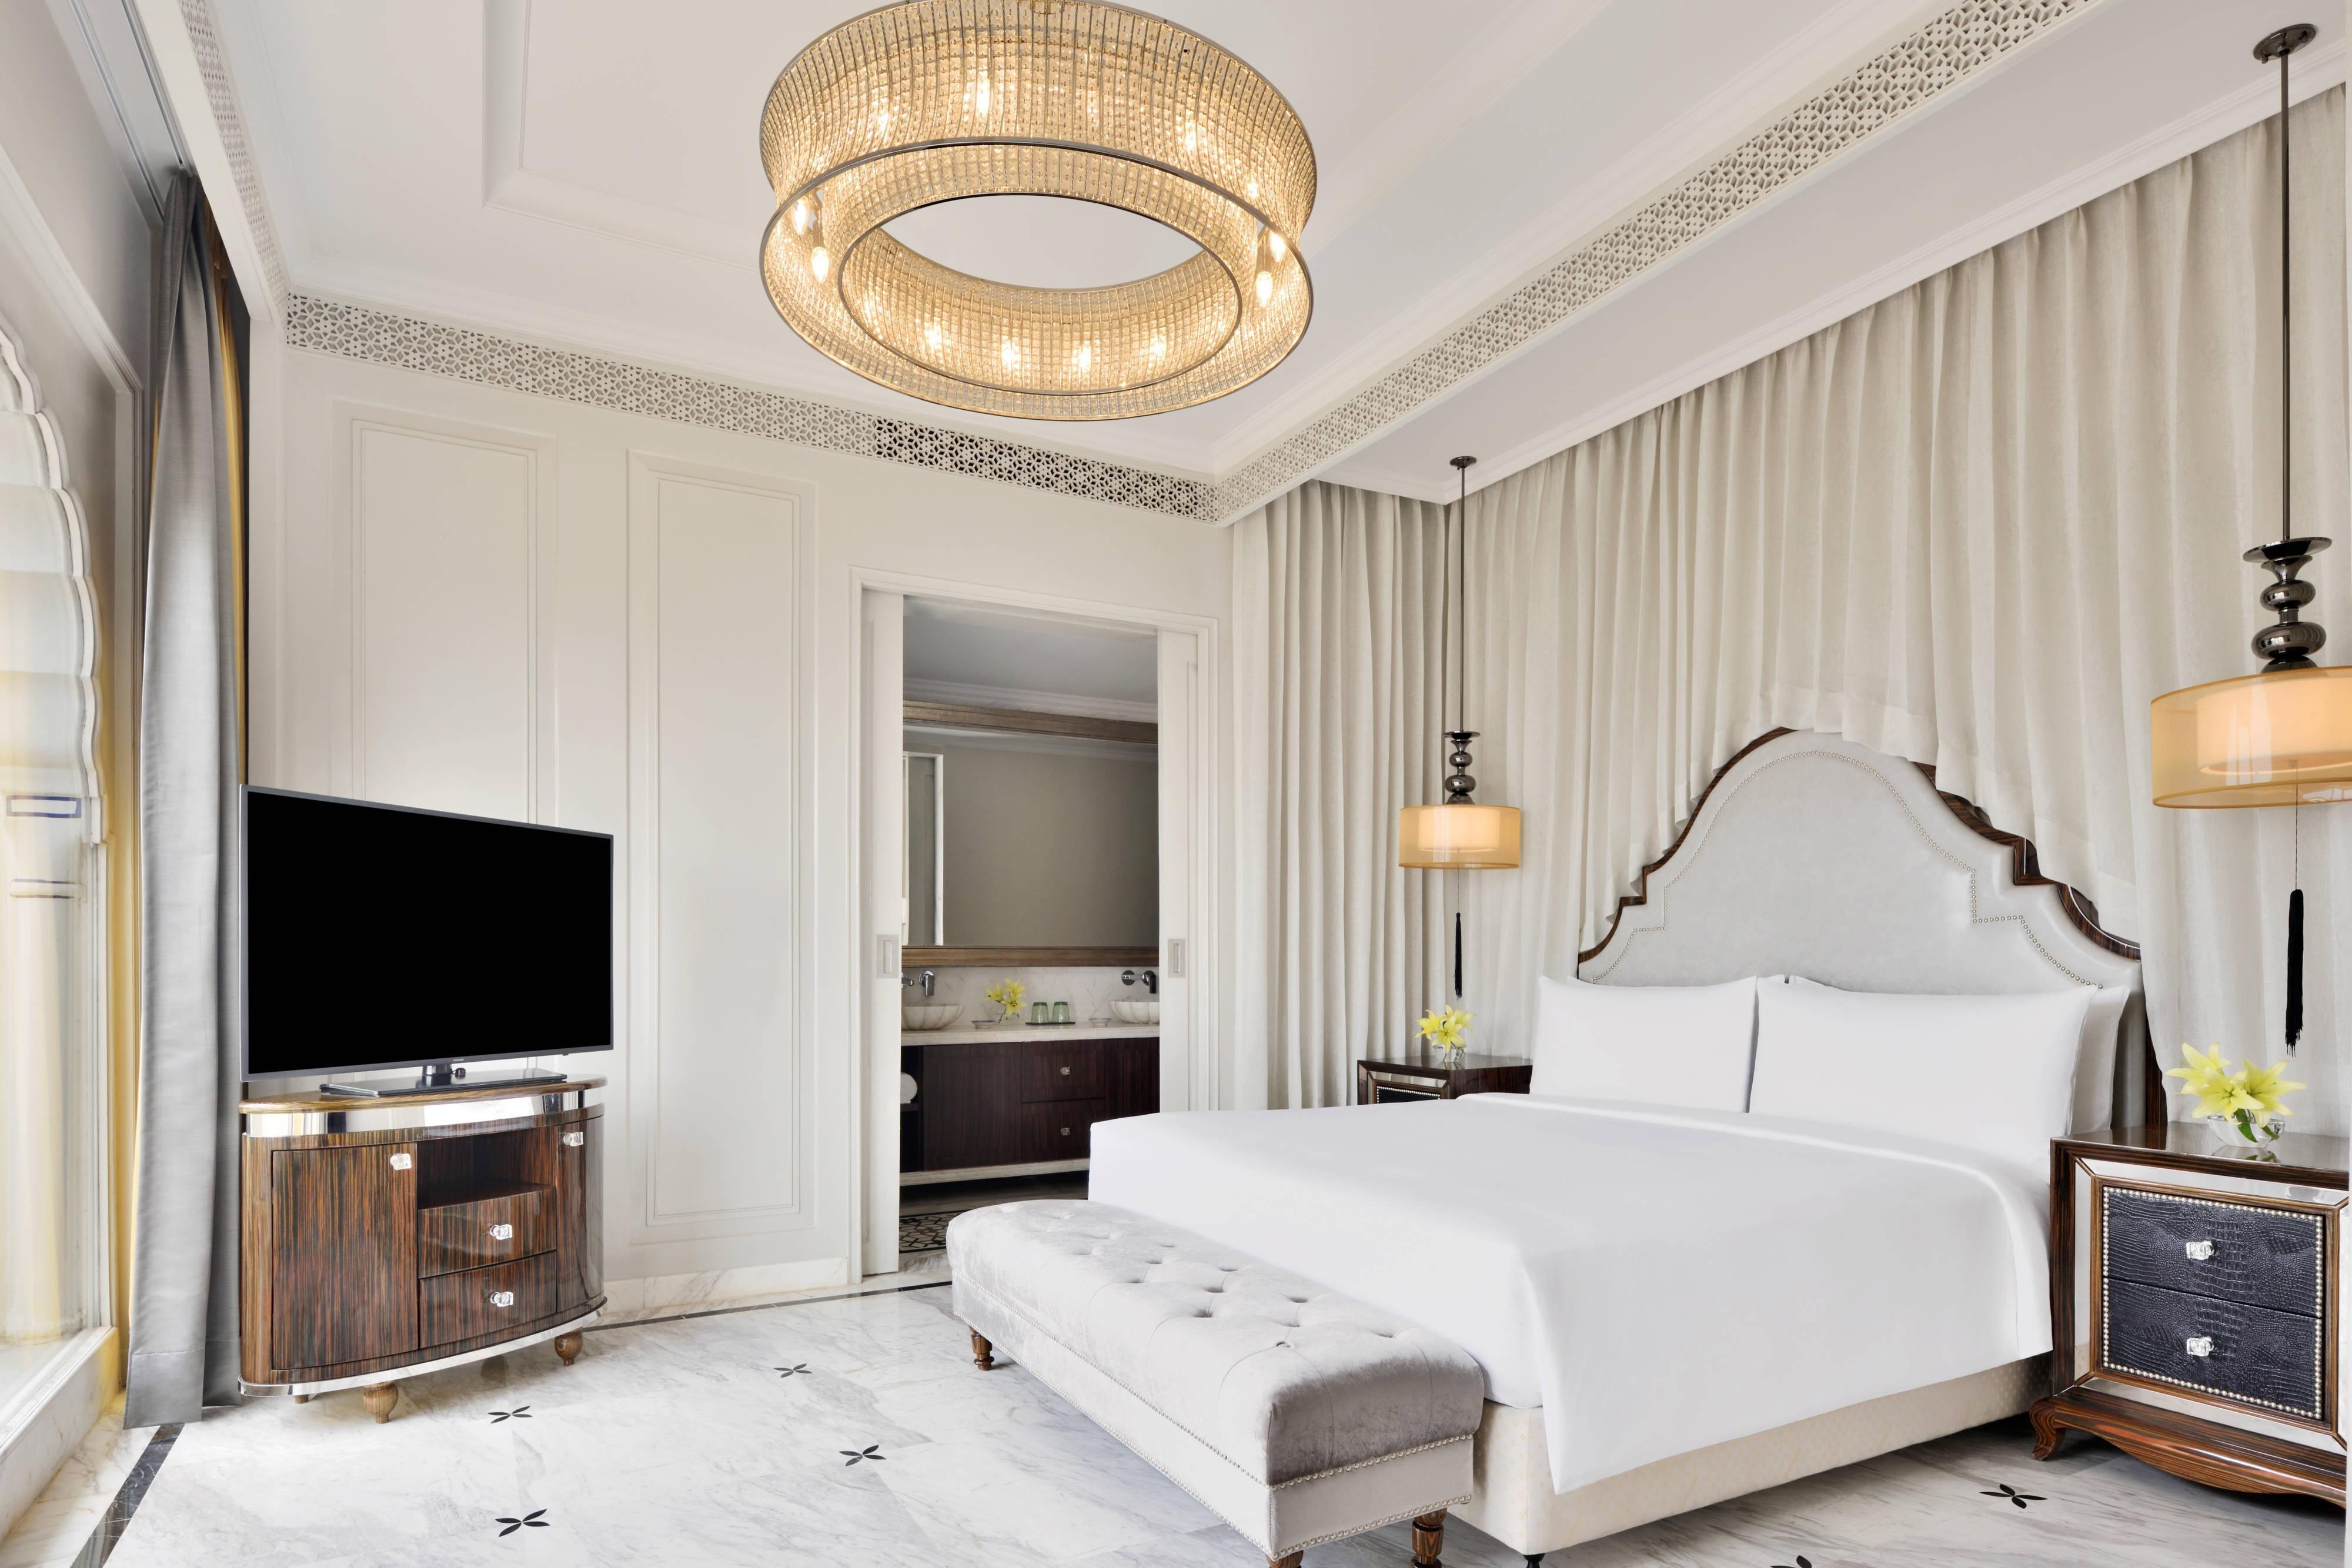 Presidential Suite - Bedroom One